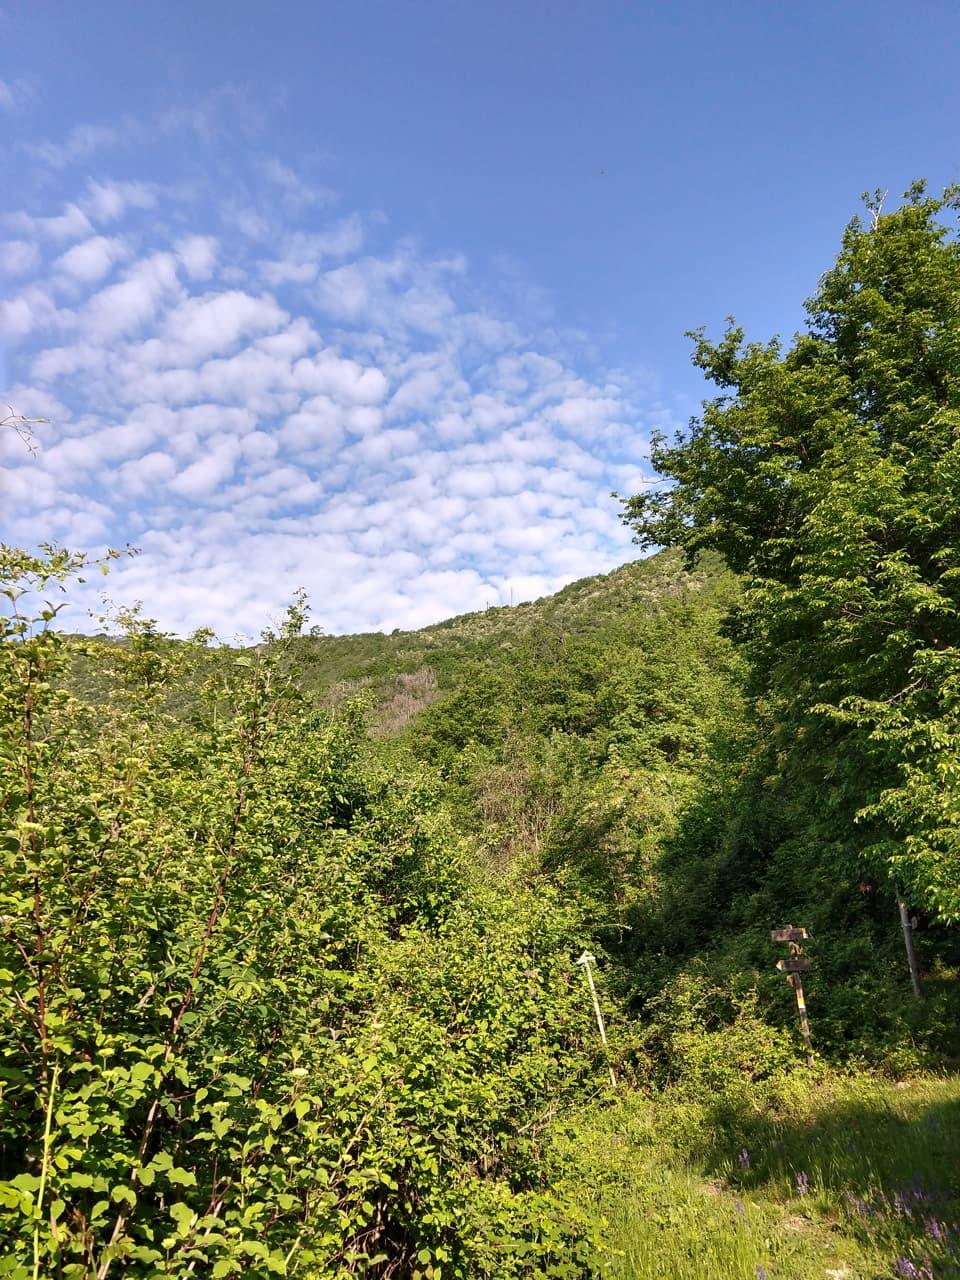 La discesa verso Cogozzo attraversa un fitto bosco ed è resa sicura dalla presenza di alcune corde metalliche